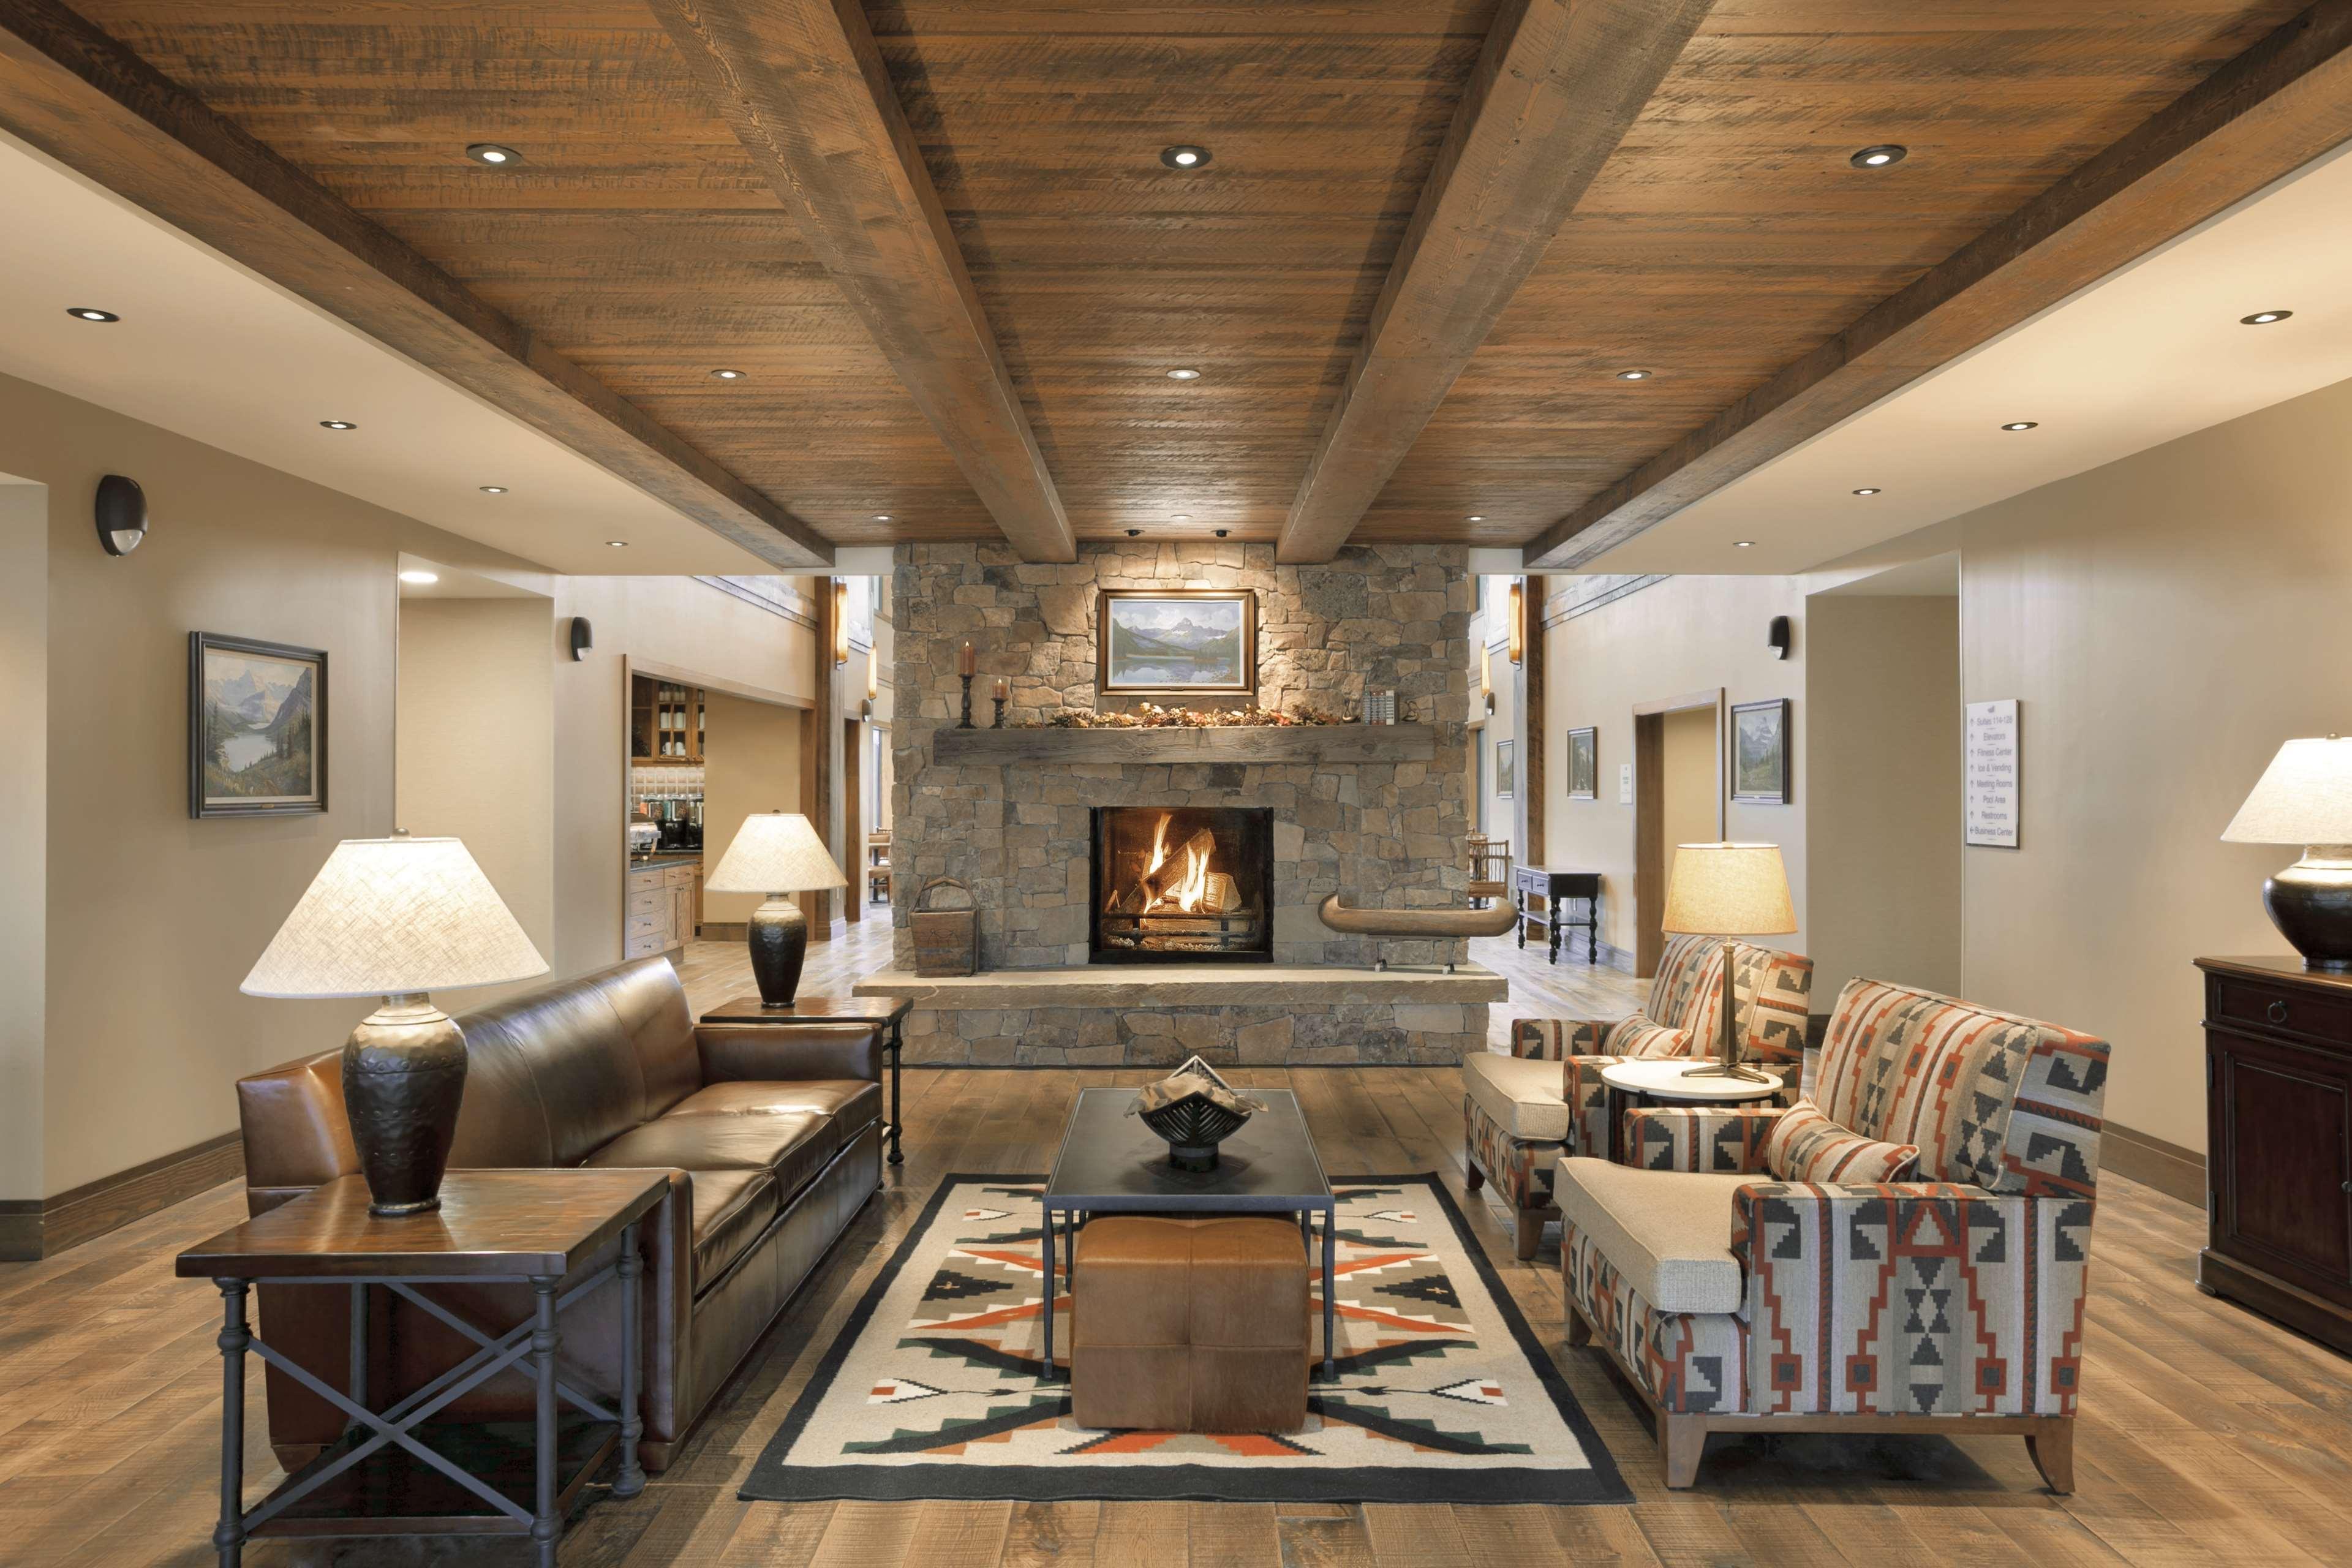 Homewood Suites by Hilton Kalispell, MT image 3